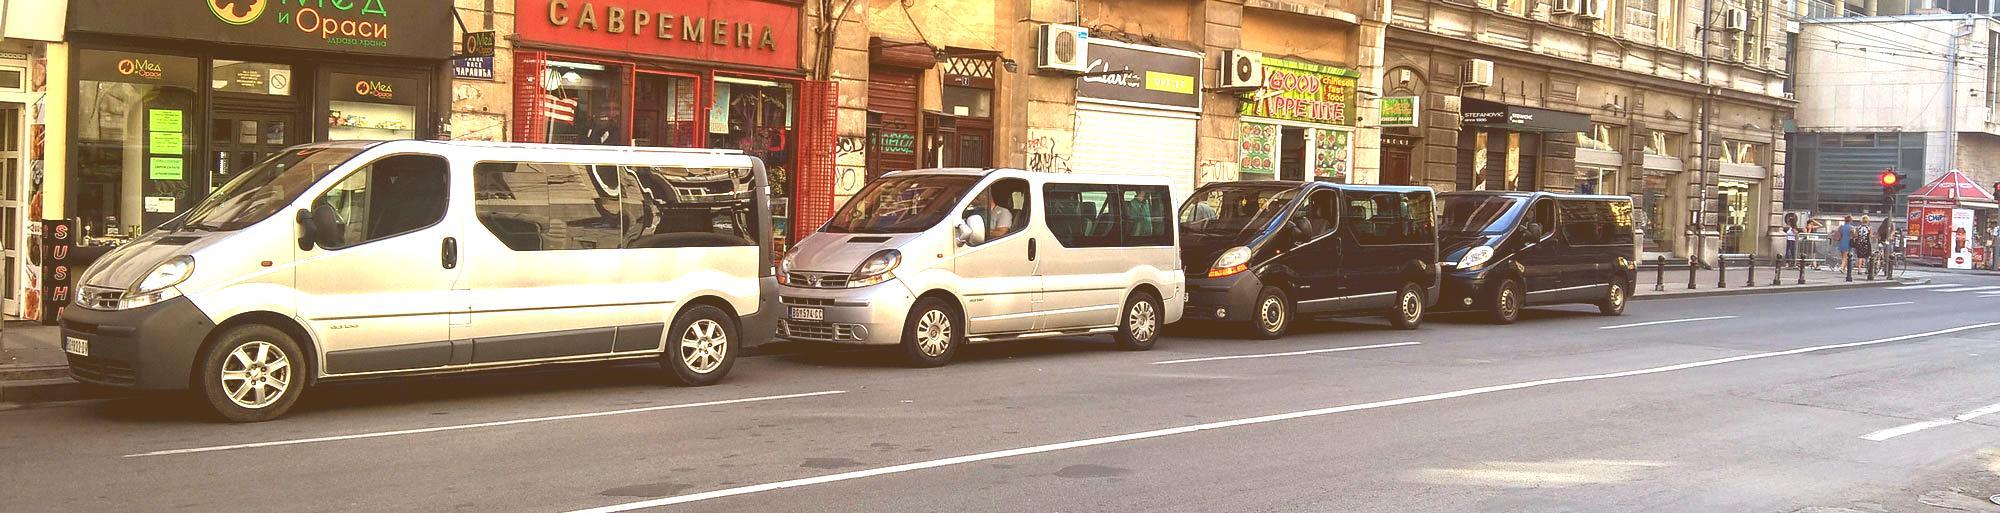 prevoz putnika sa nekoliko kombija